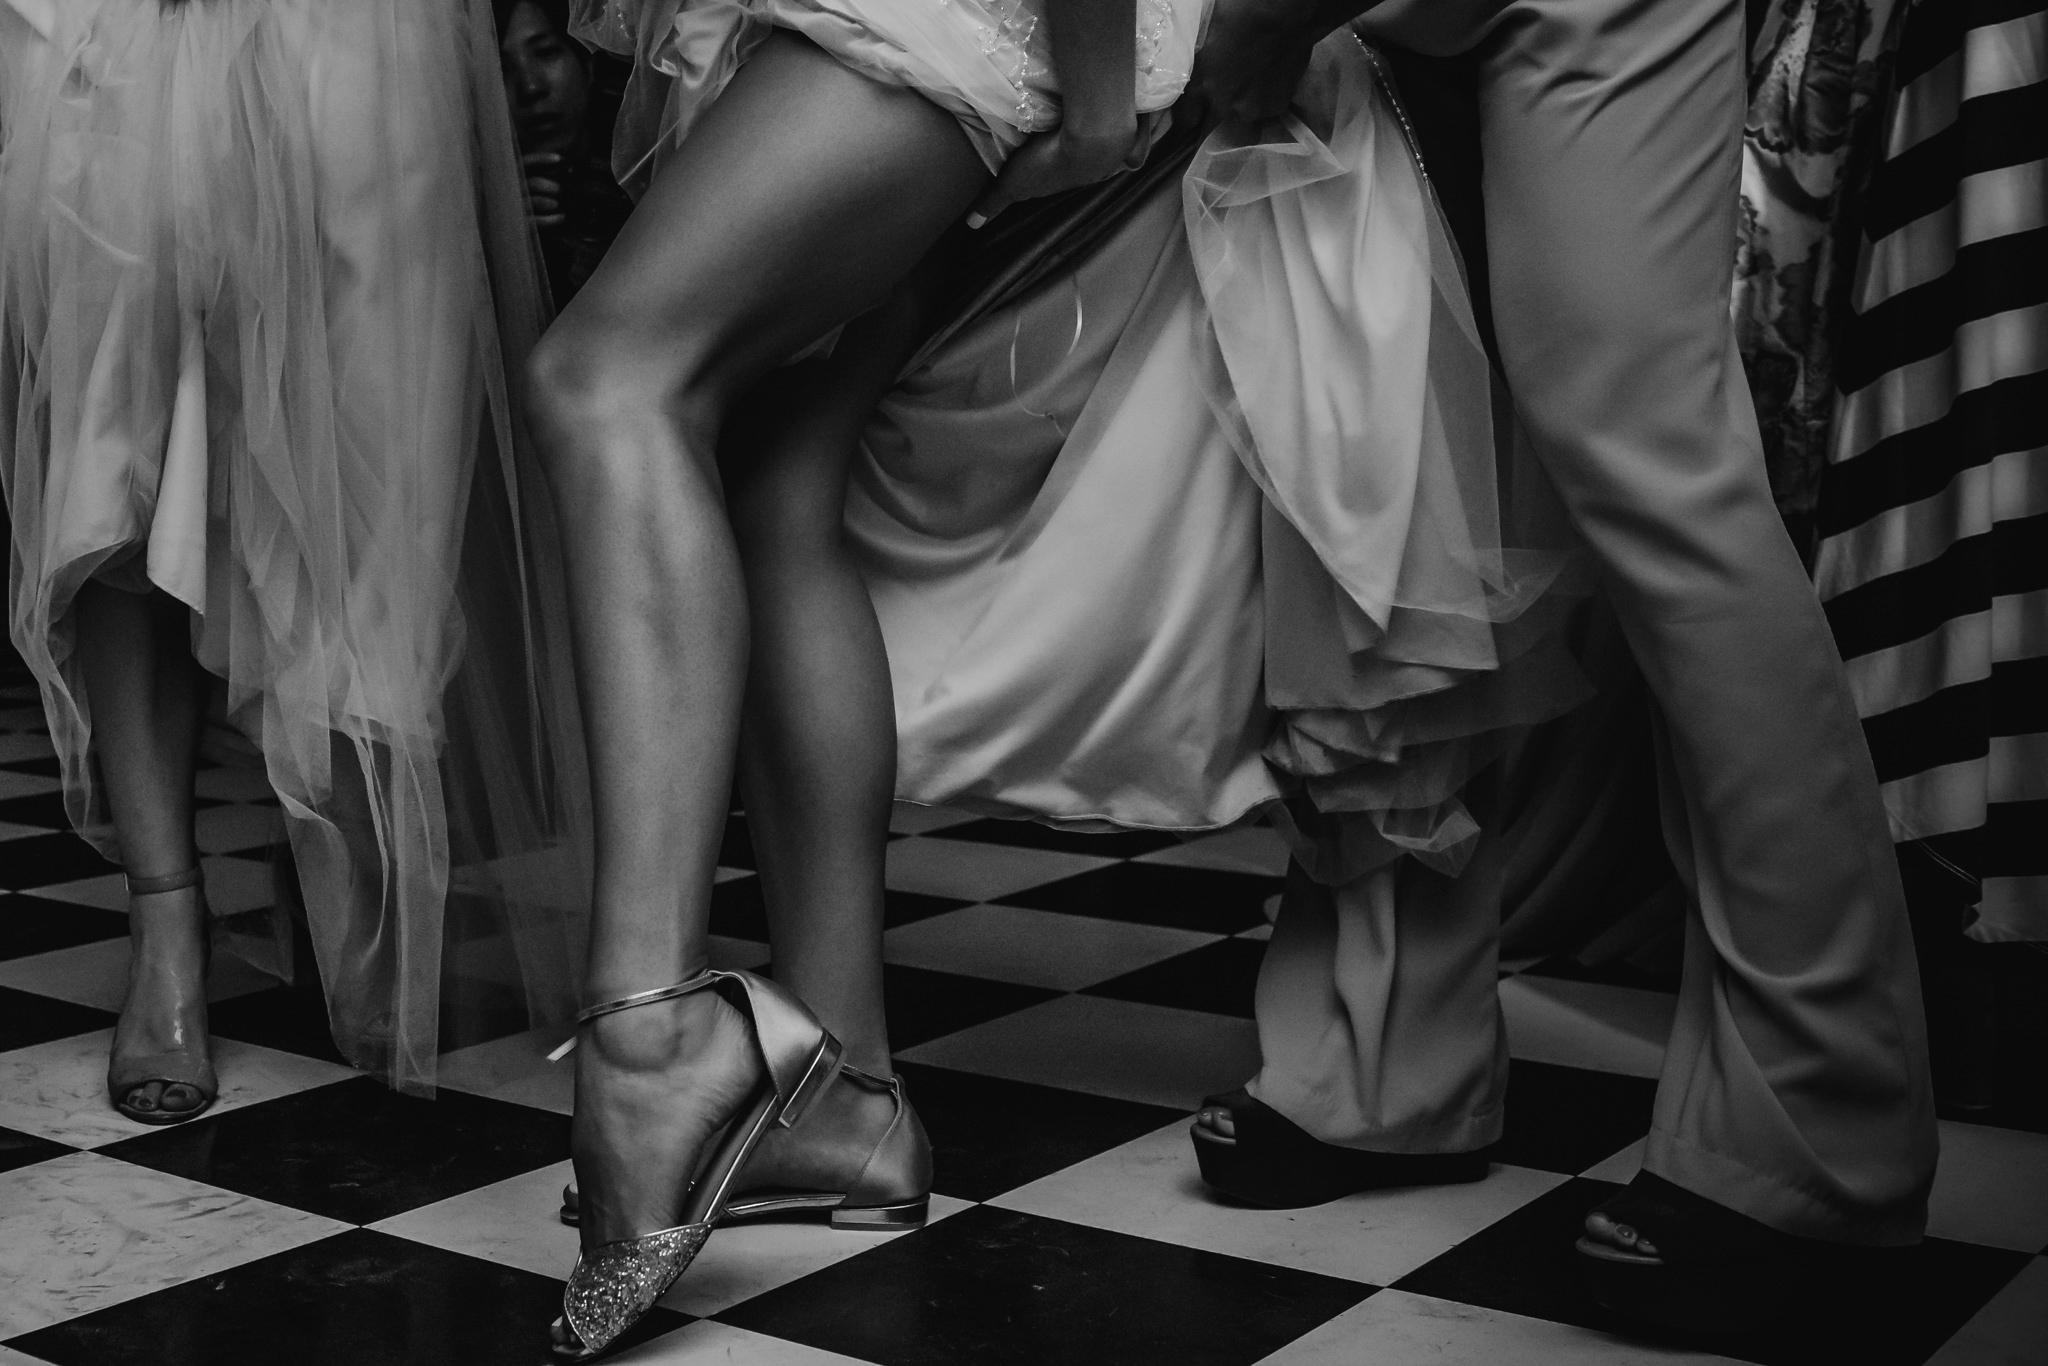 00039-20170722-KatieSubin-Varghese-wed